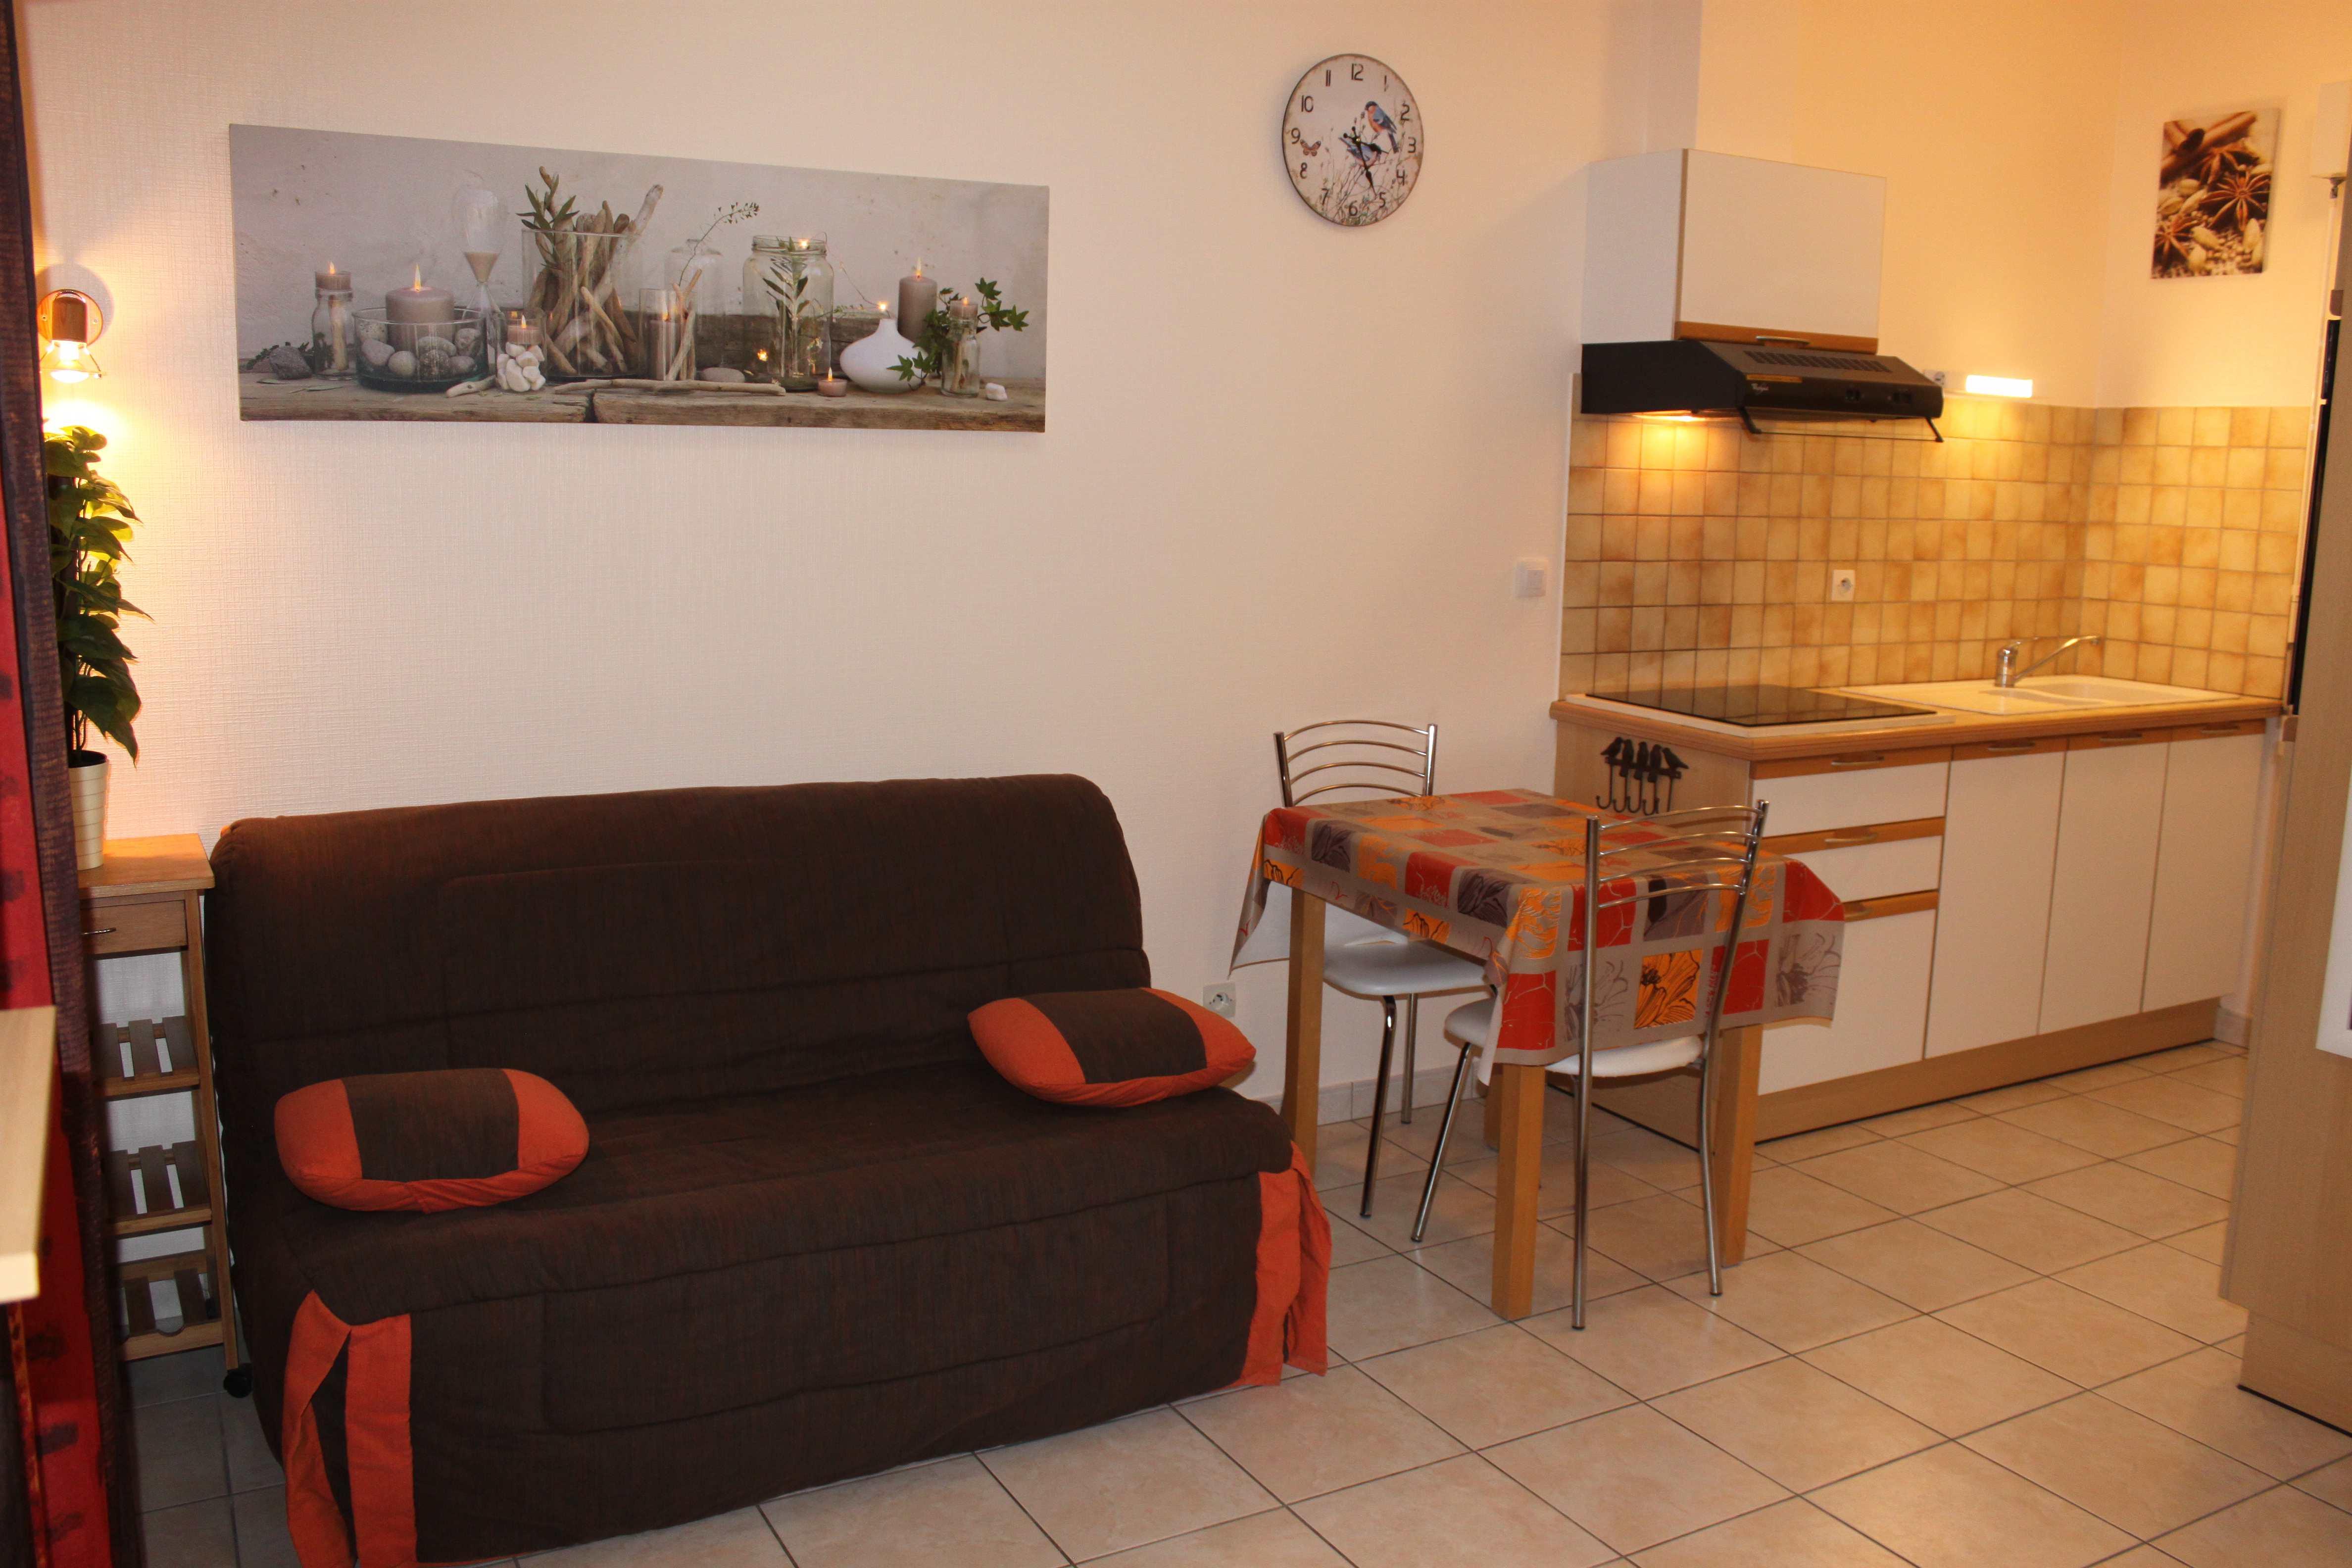 t l vision cran plat tnt hd t l commande. Black Bedroom Furniture Sets. Home Design Ideas